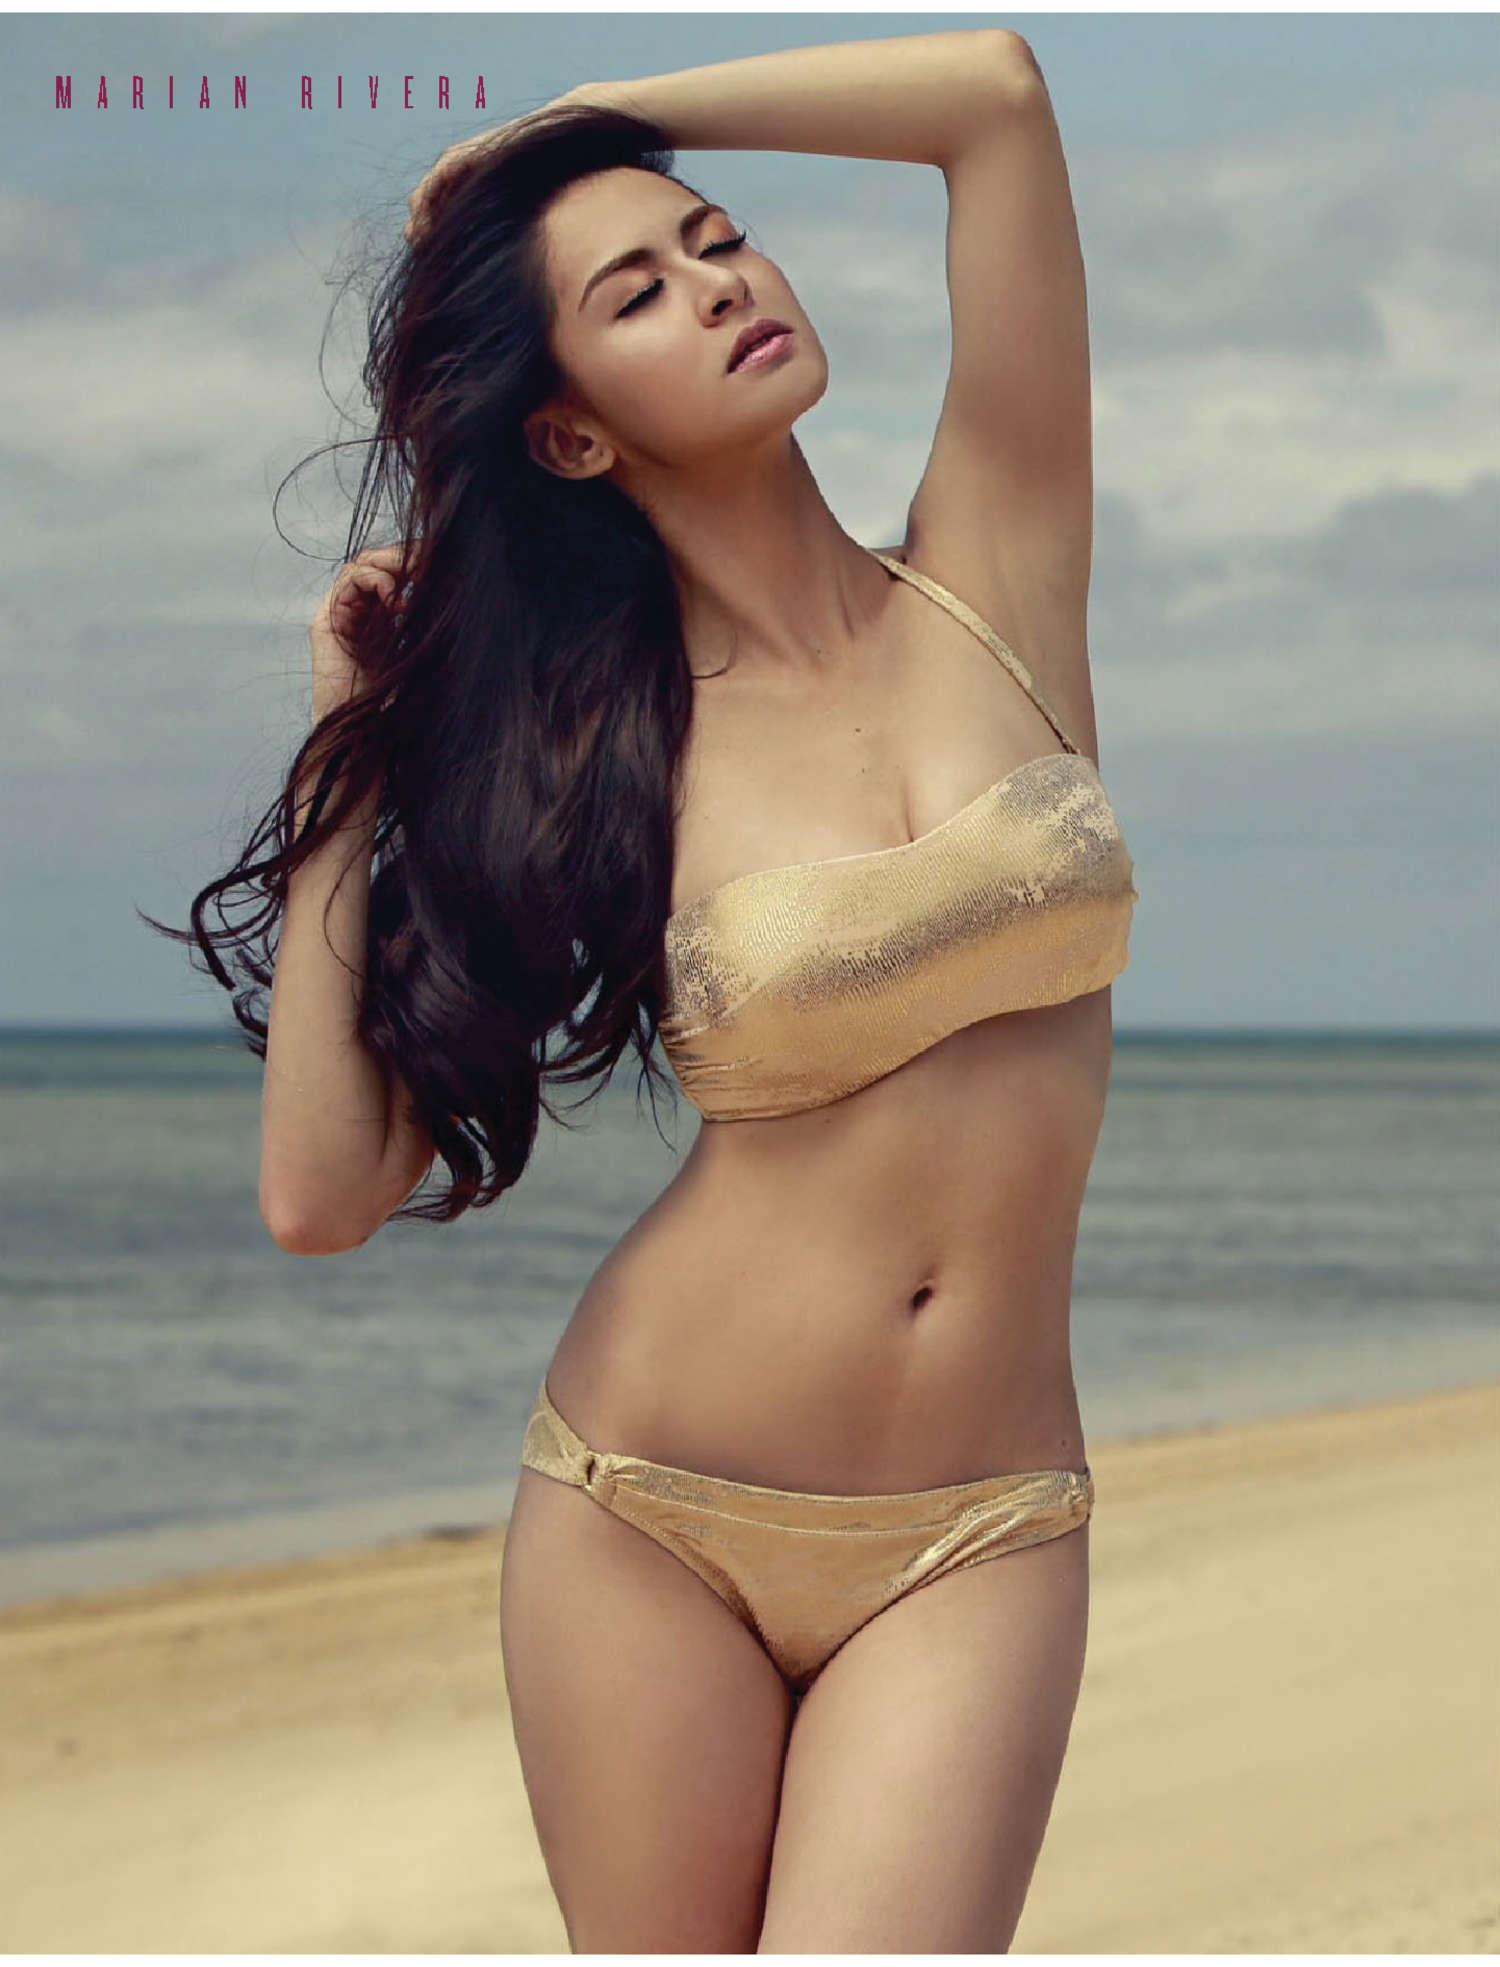 Jessica lange nude pics